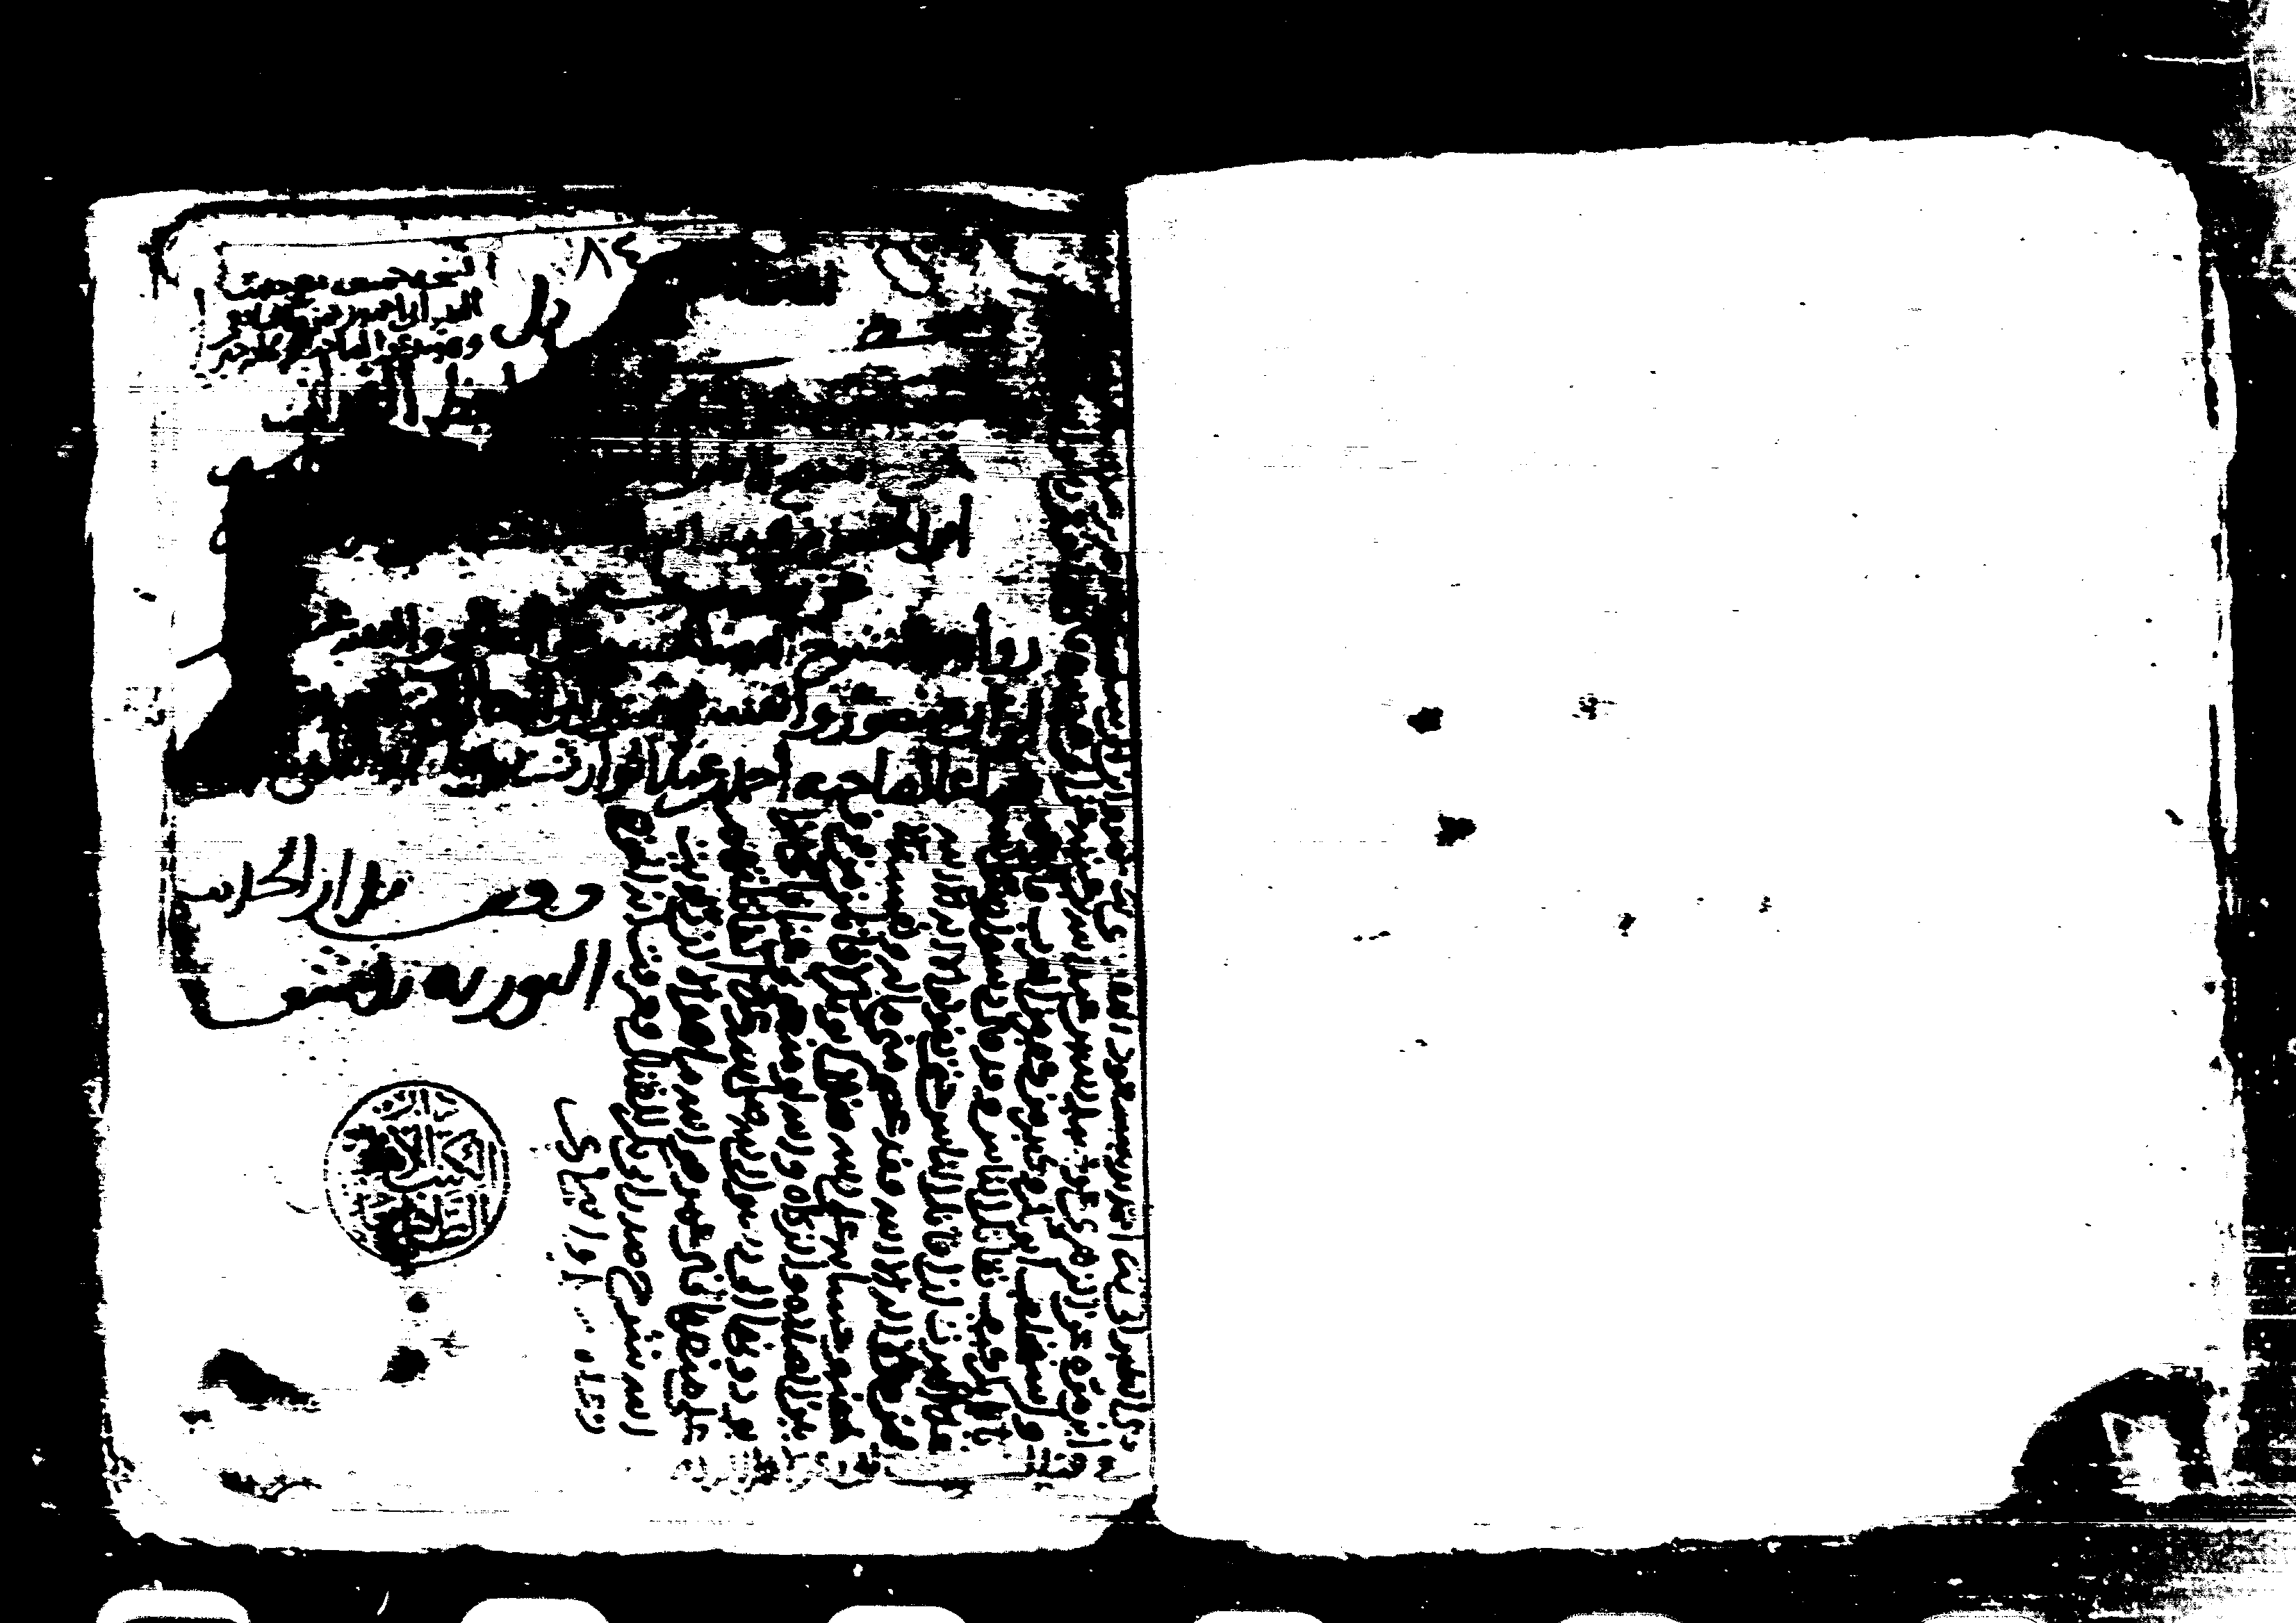 جزء فيه أخبار لحفظ القرآن - أبو القاسم ثقة الدين علي بن الحسن بن هبة الله، المعروف بابن عساكر (ت 571)